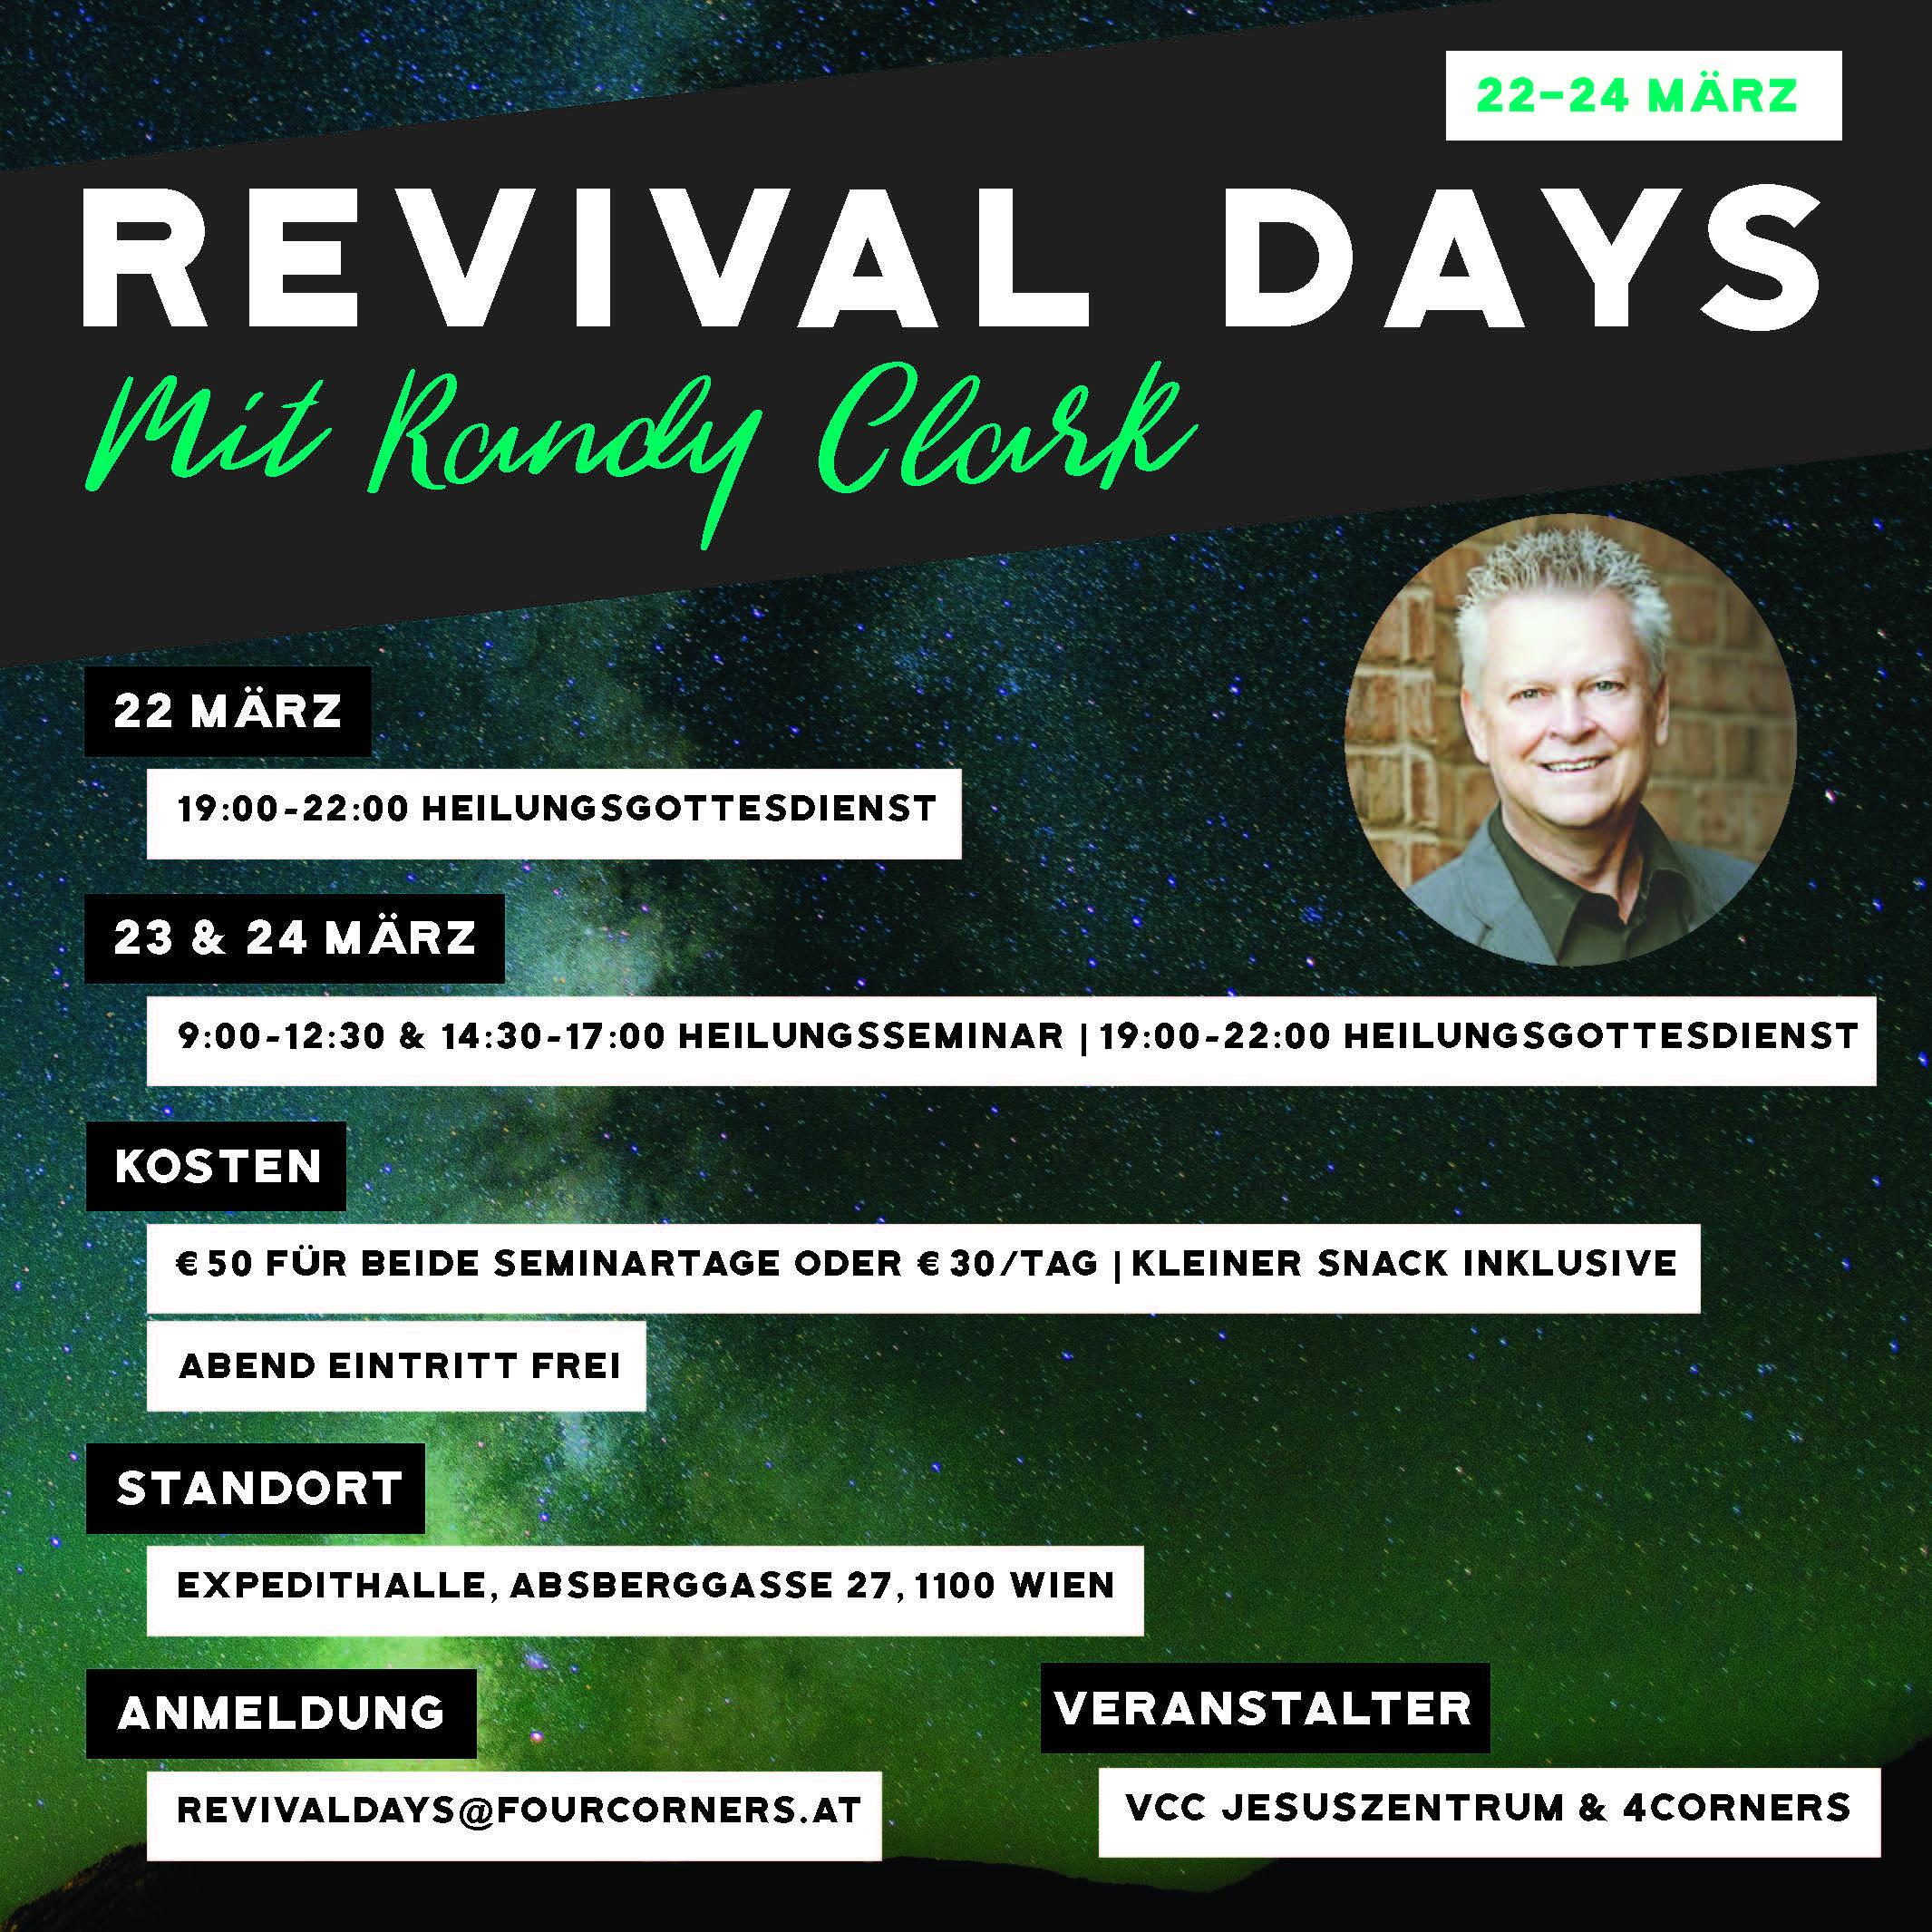 RevivalDays-RandyClark_Deutsch